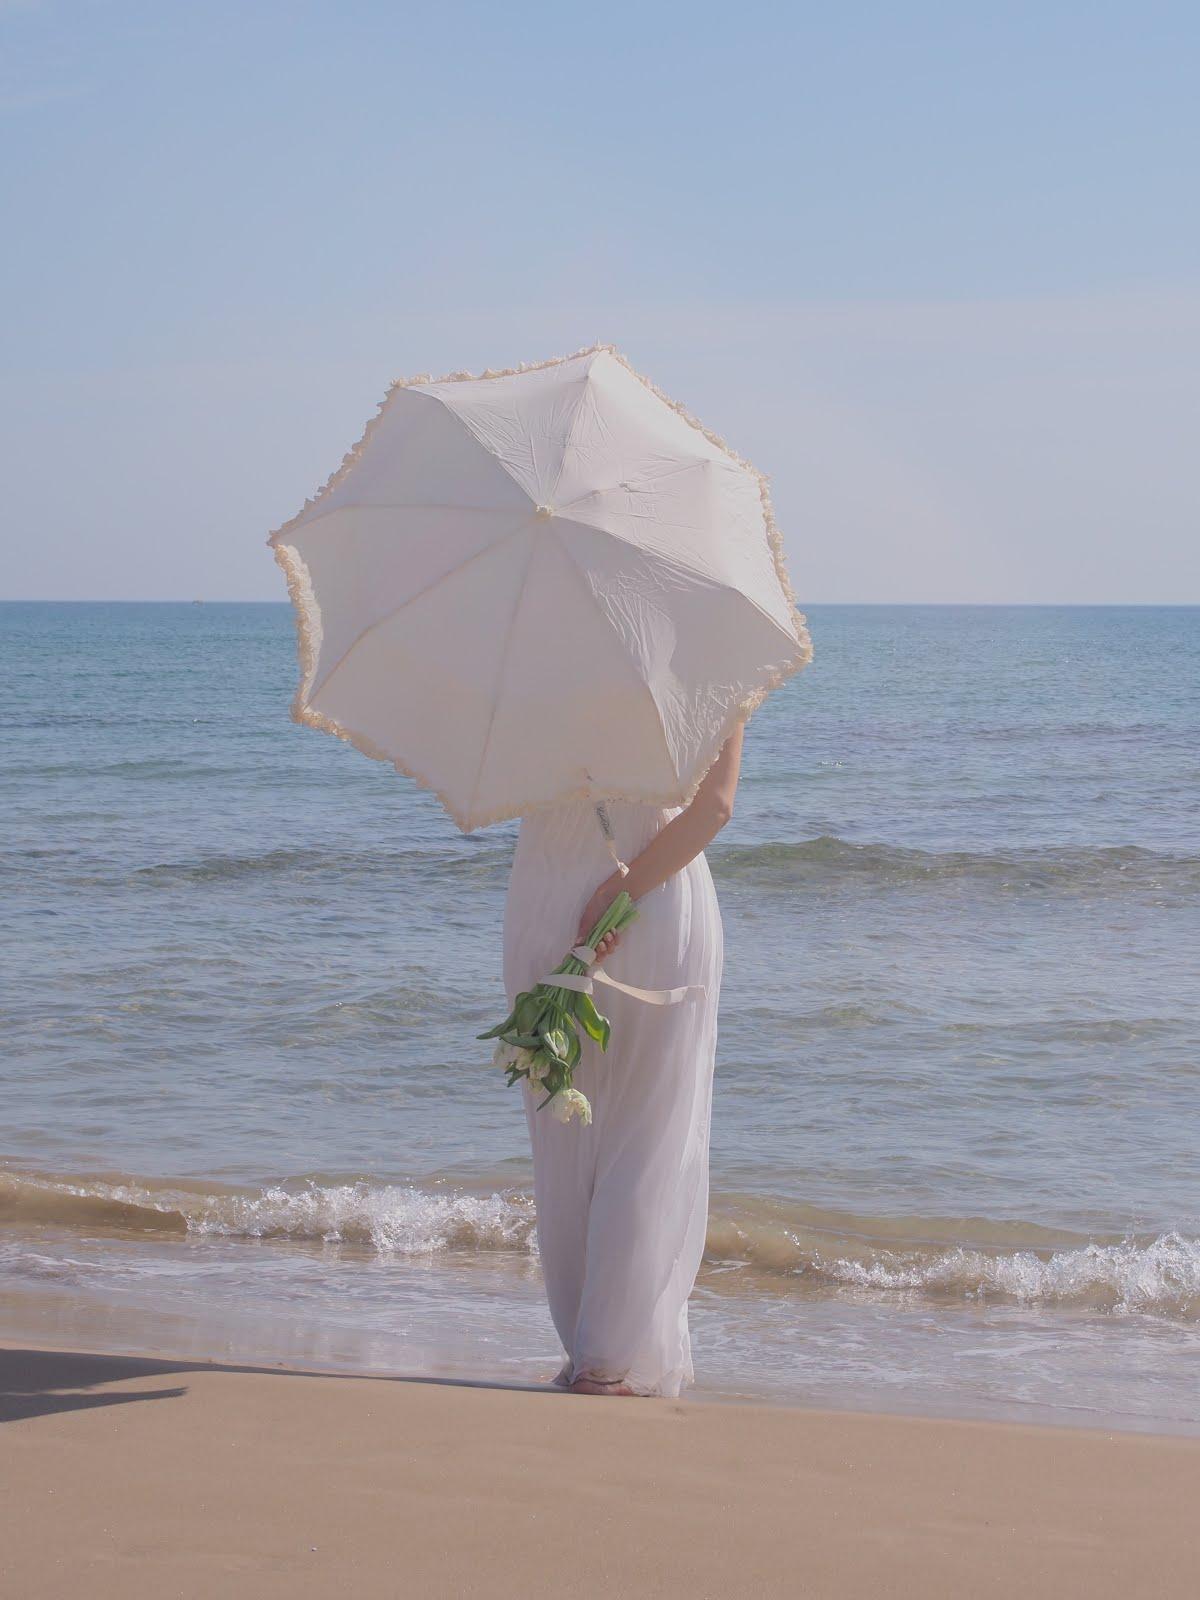 Summer on the beach!